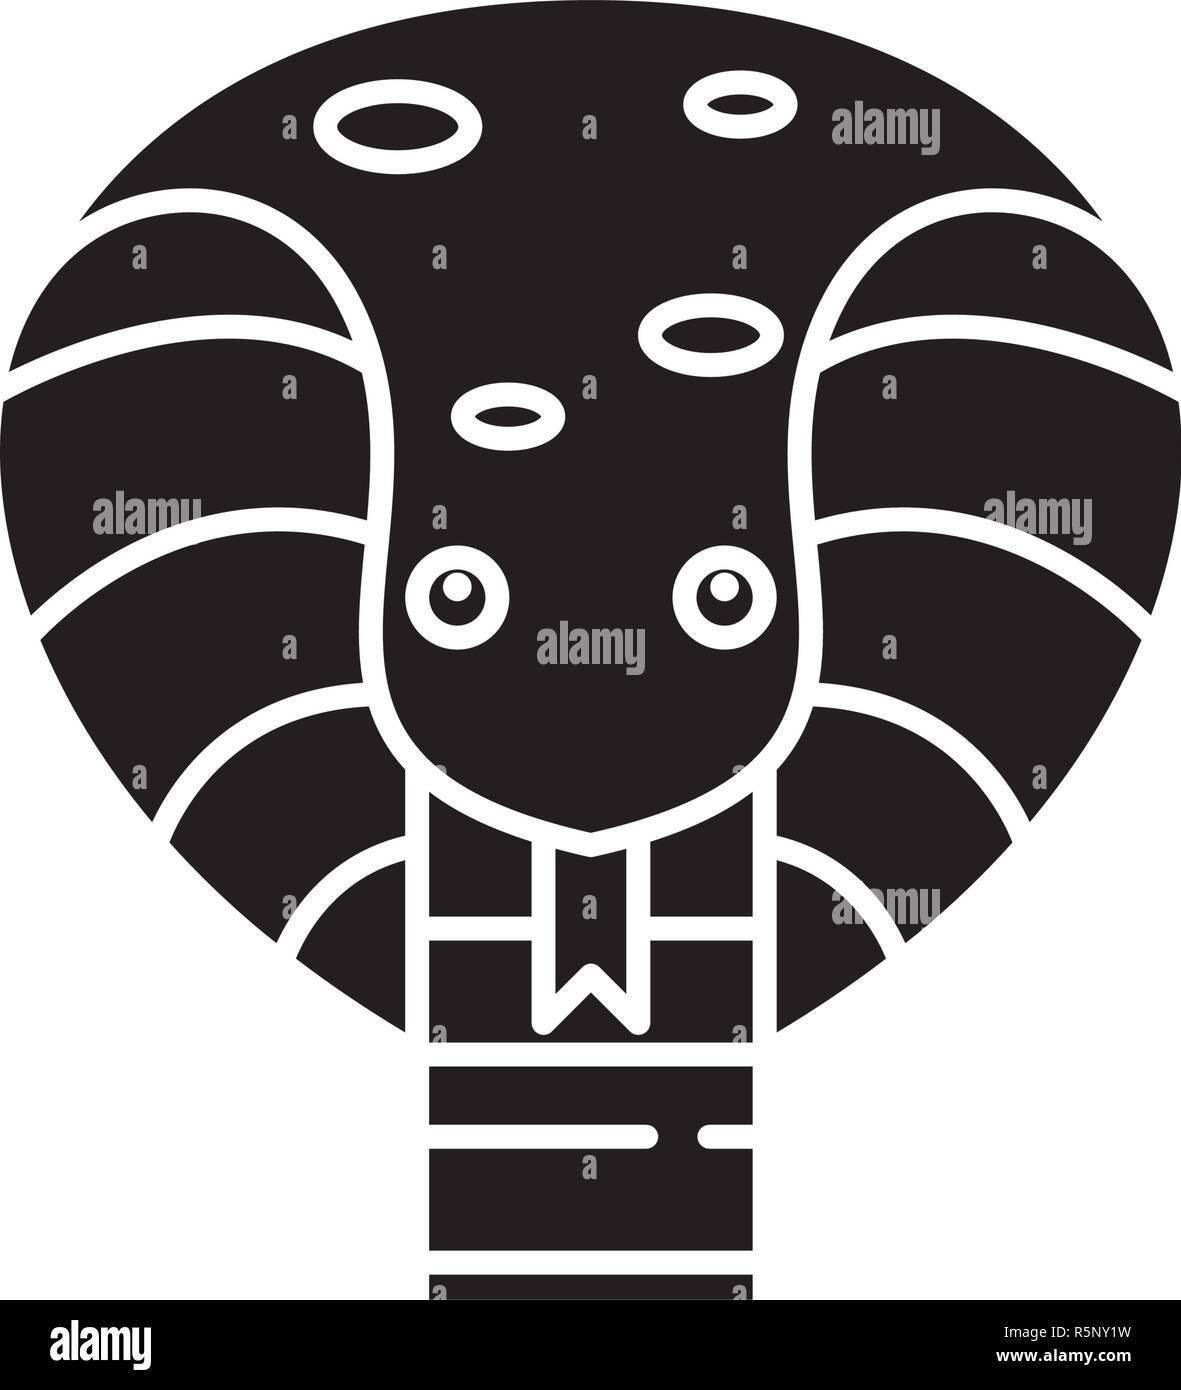 Cute Snake icono negro, signo de vectores de fondo aislados. Lindo concepto de serpiente, símbolo de la ilustración Imagen De Stock